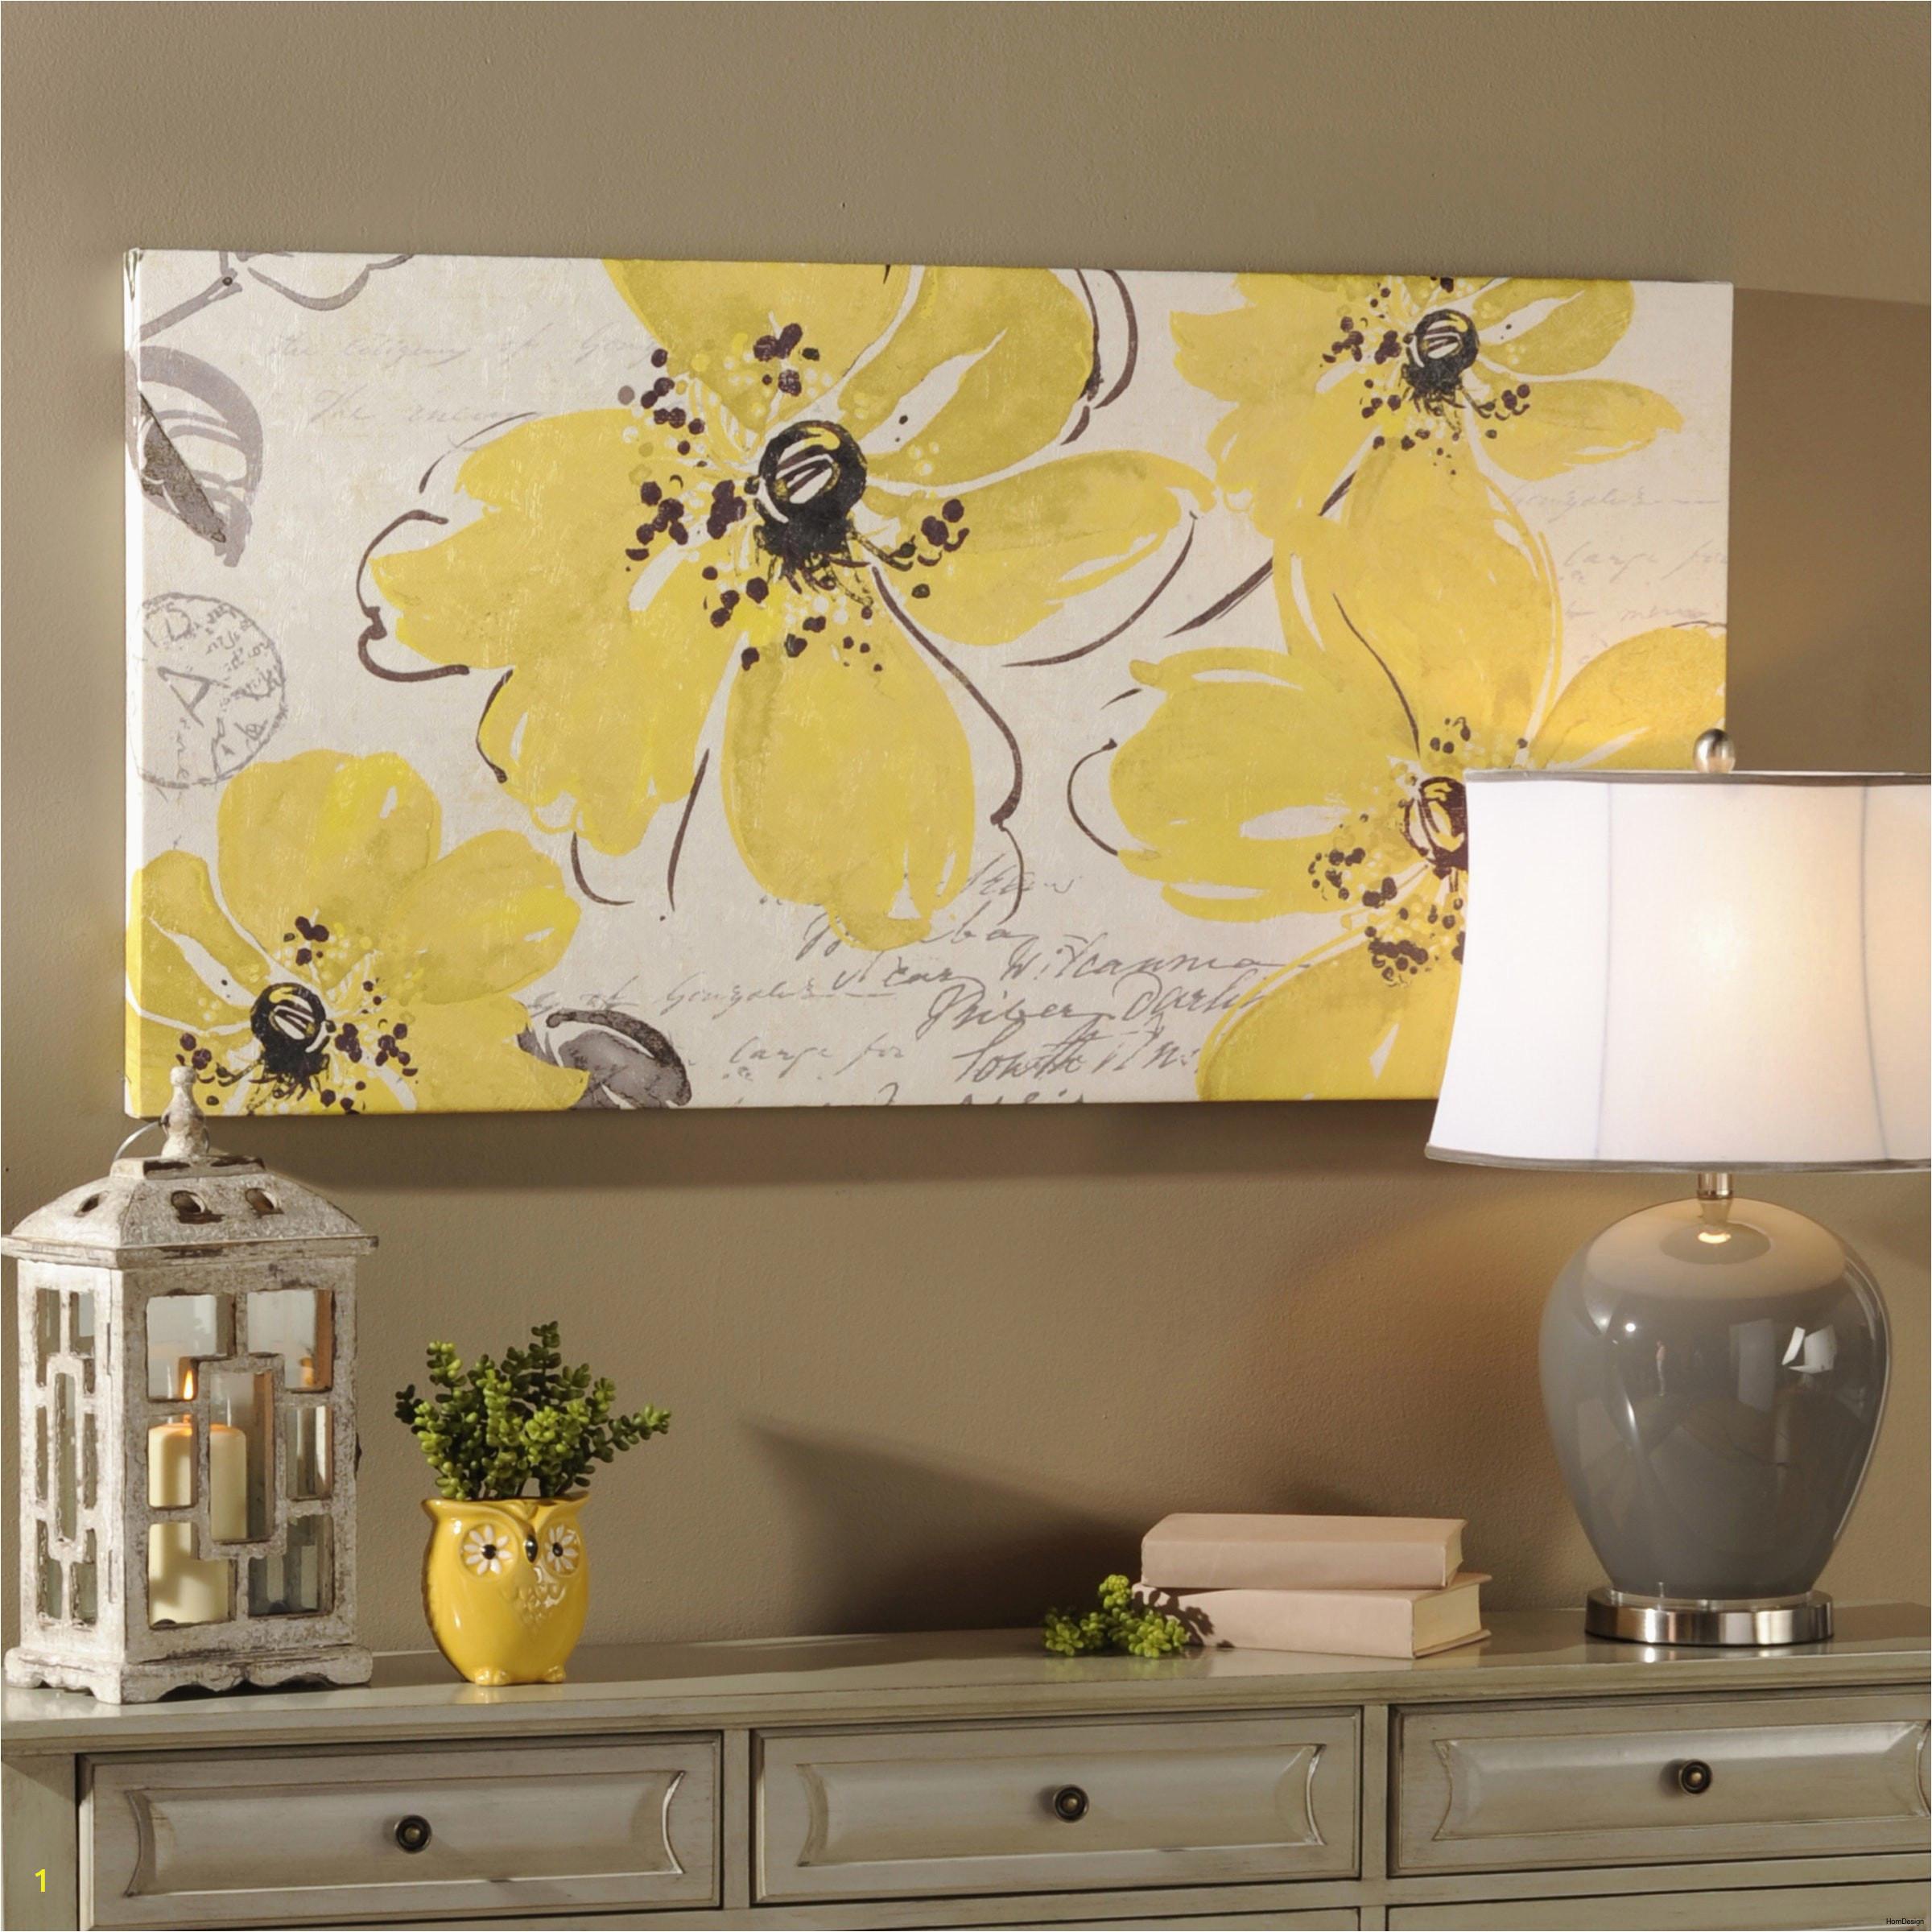 metal wall art panels fresh 1 kirkland wall decor home design 0d throughout best office wall art of best office wall art